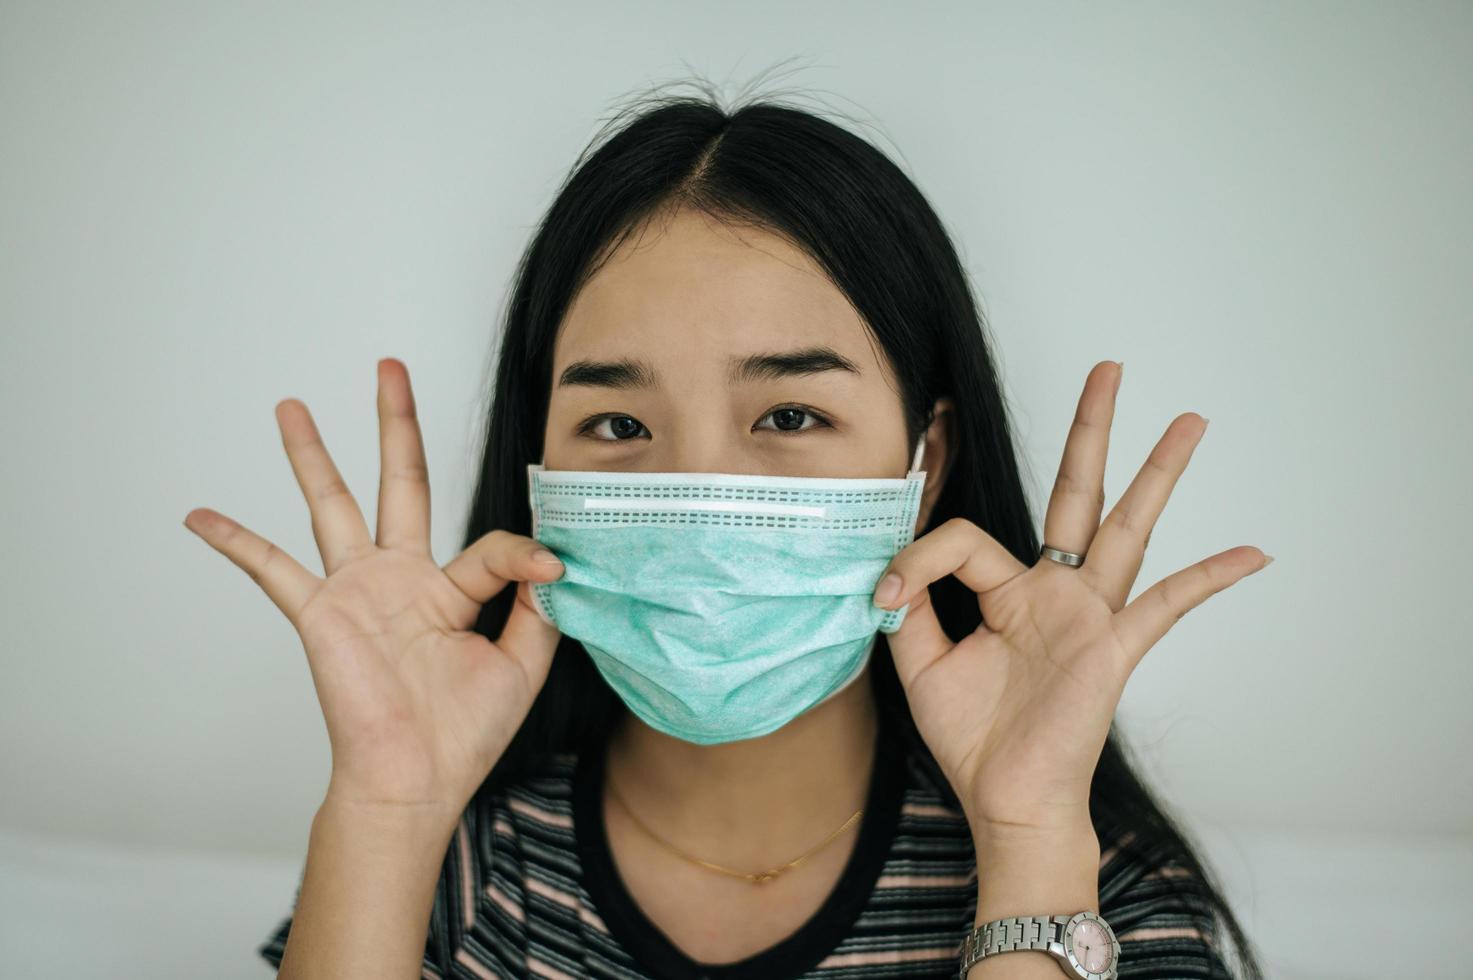 ragazza che indossa una maschera igienica, una camicia a righe e il simbolo della mano va bene foto